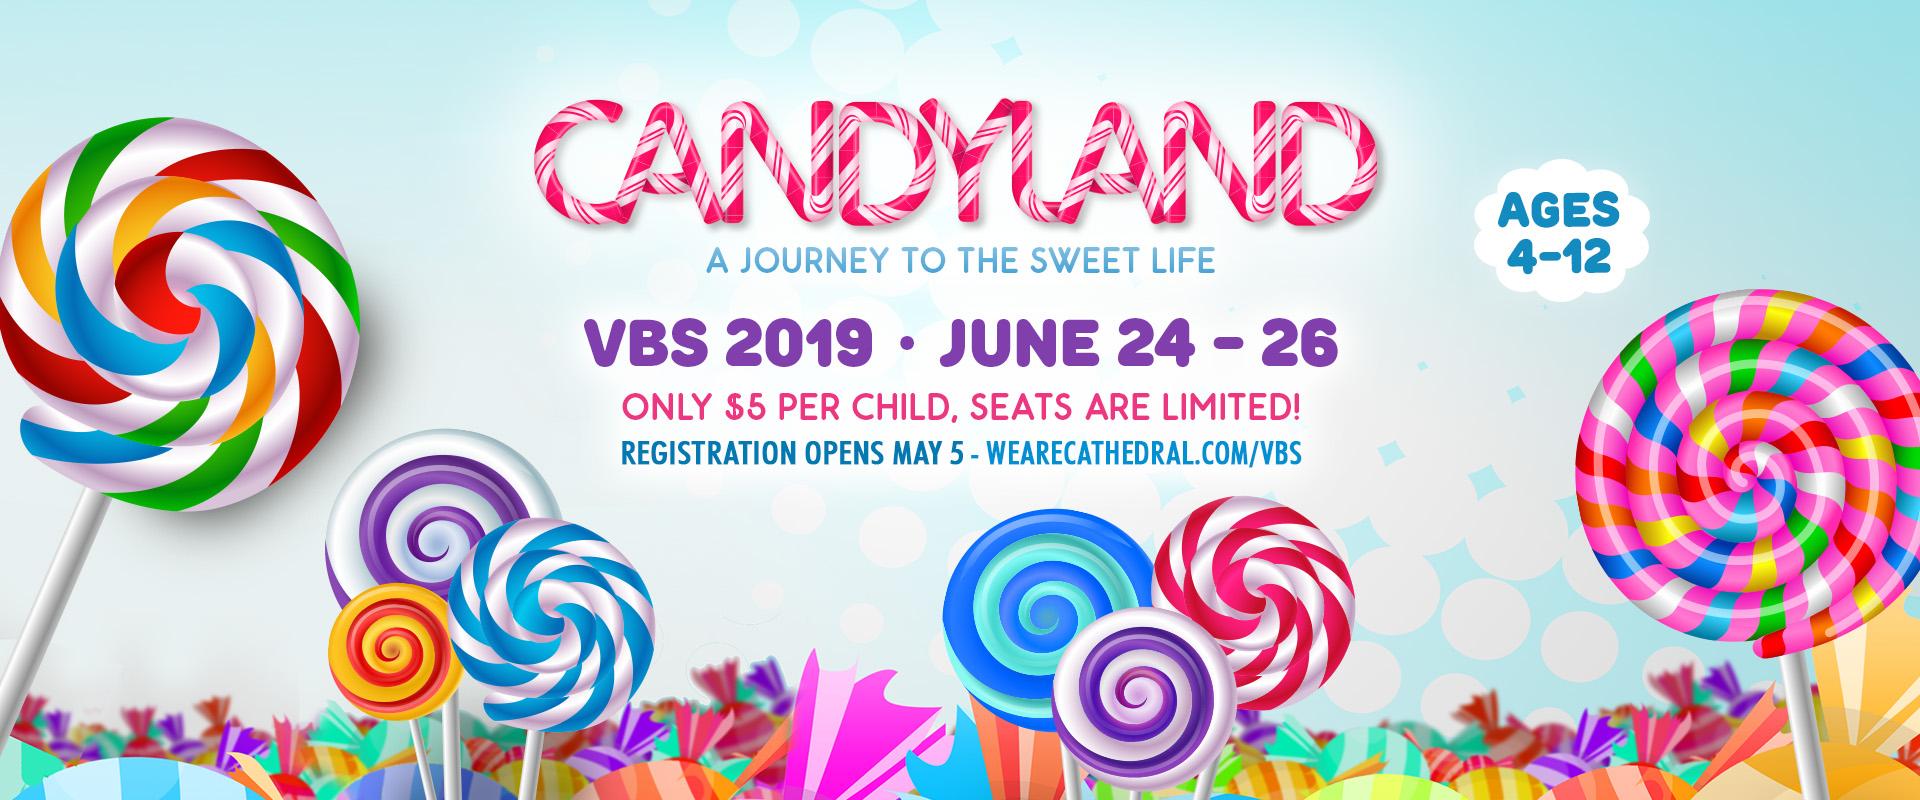 VBS 2019 Candyland - front page slide